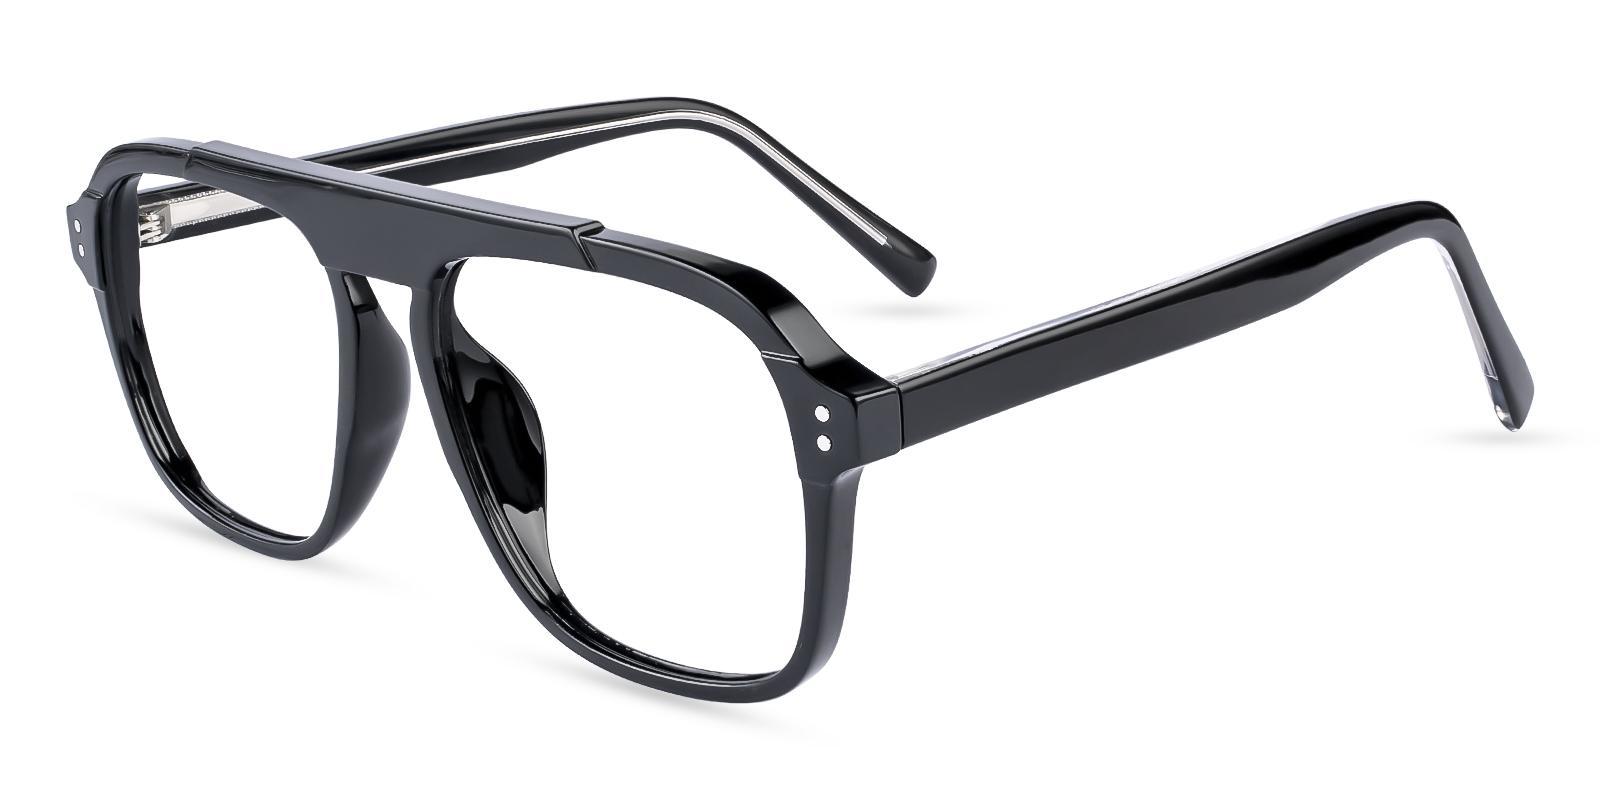 Hijinks Black  Eyeglasses , UniversalBridgeFit Frames from ABBE Glasses